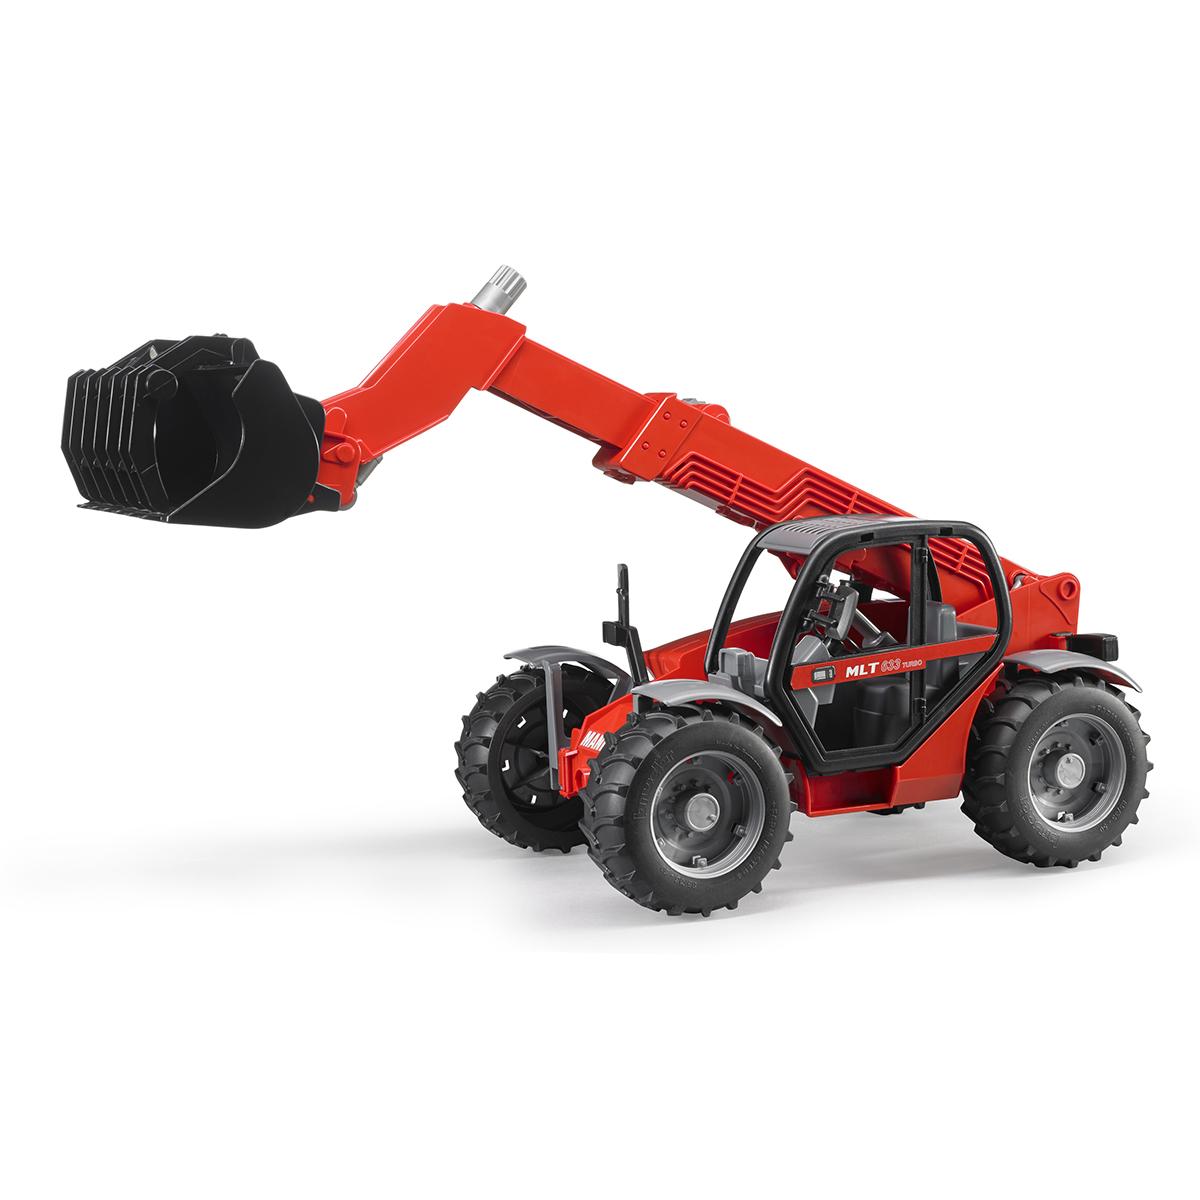 Купить 02-125, Bruder Погрузчик колёсный Manitou MLT 633, Мужской (shop: GulliverMarket Gulliver Market)